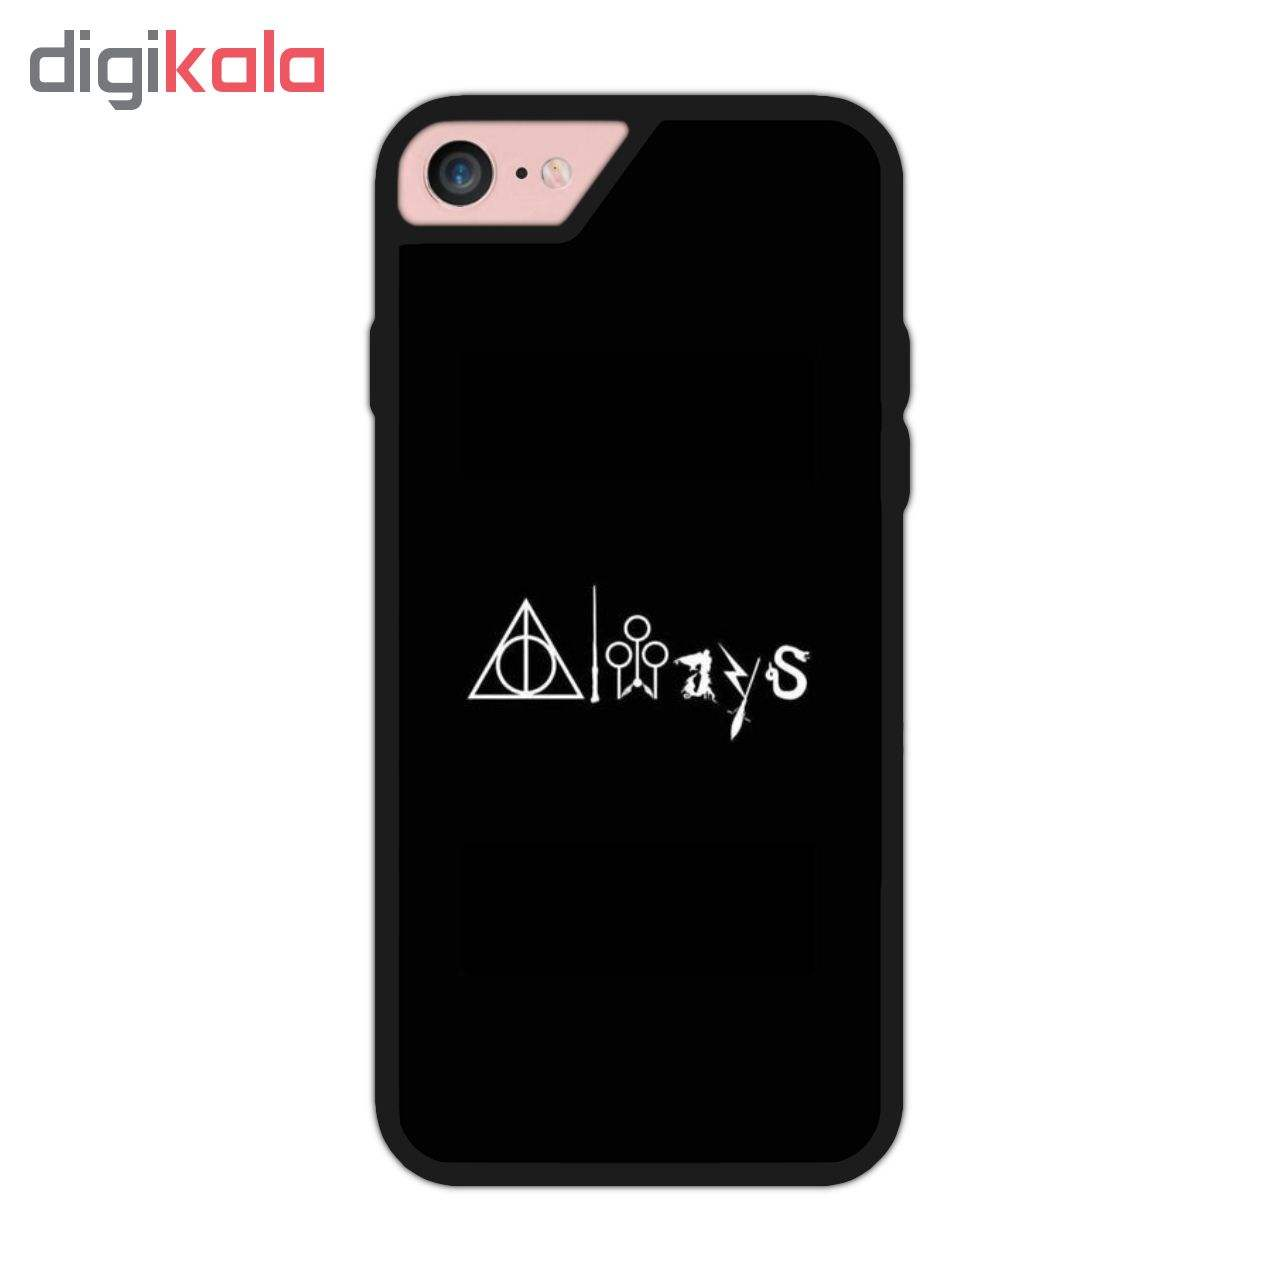 کاور آکام مدل A71430 مناسب برای گوشی موبایل اپل iPhone 7/8 main 1 1